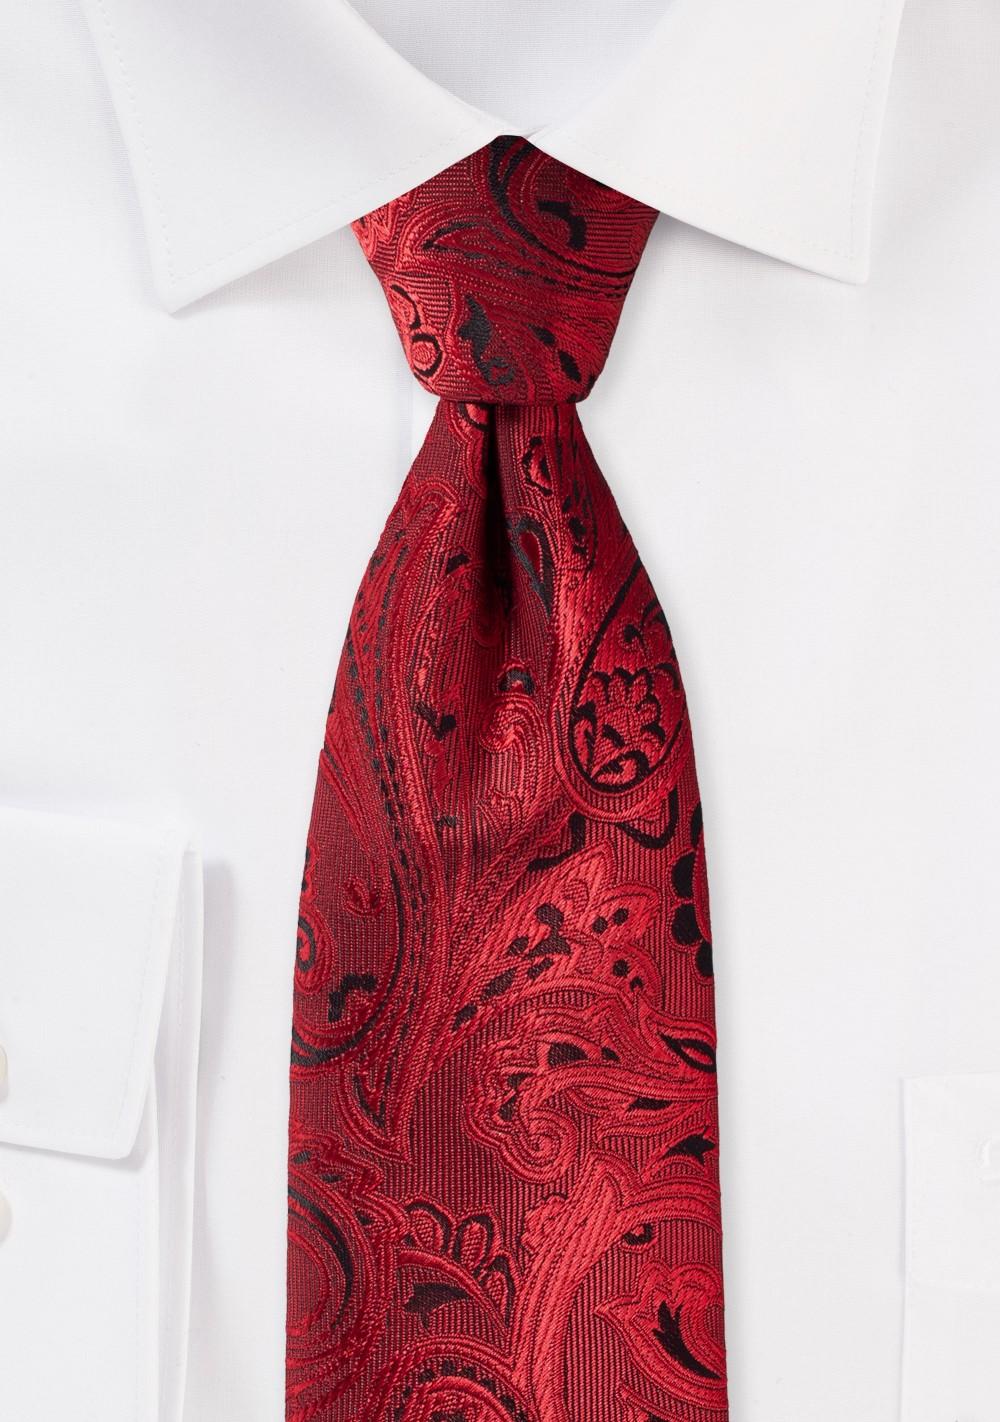 Elegant Paisley Tie in Ruby Red